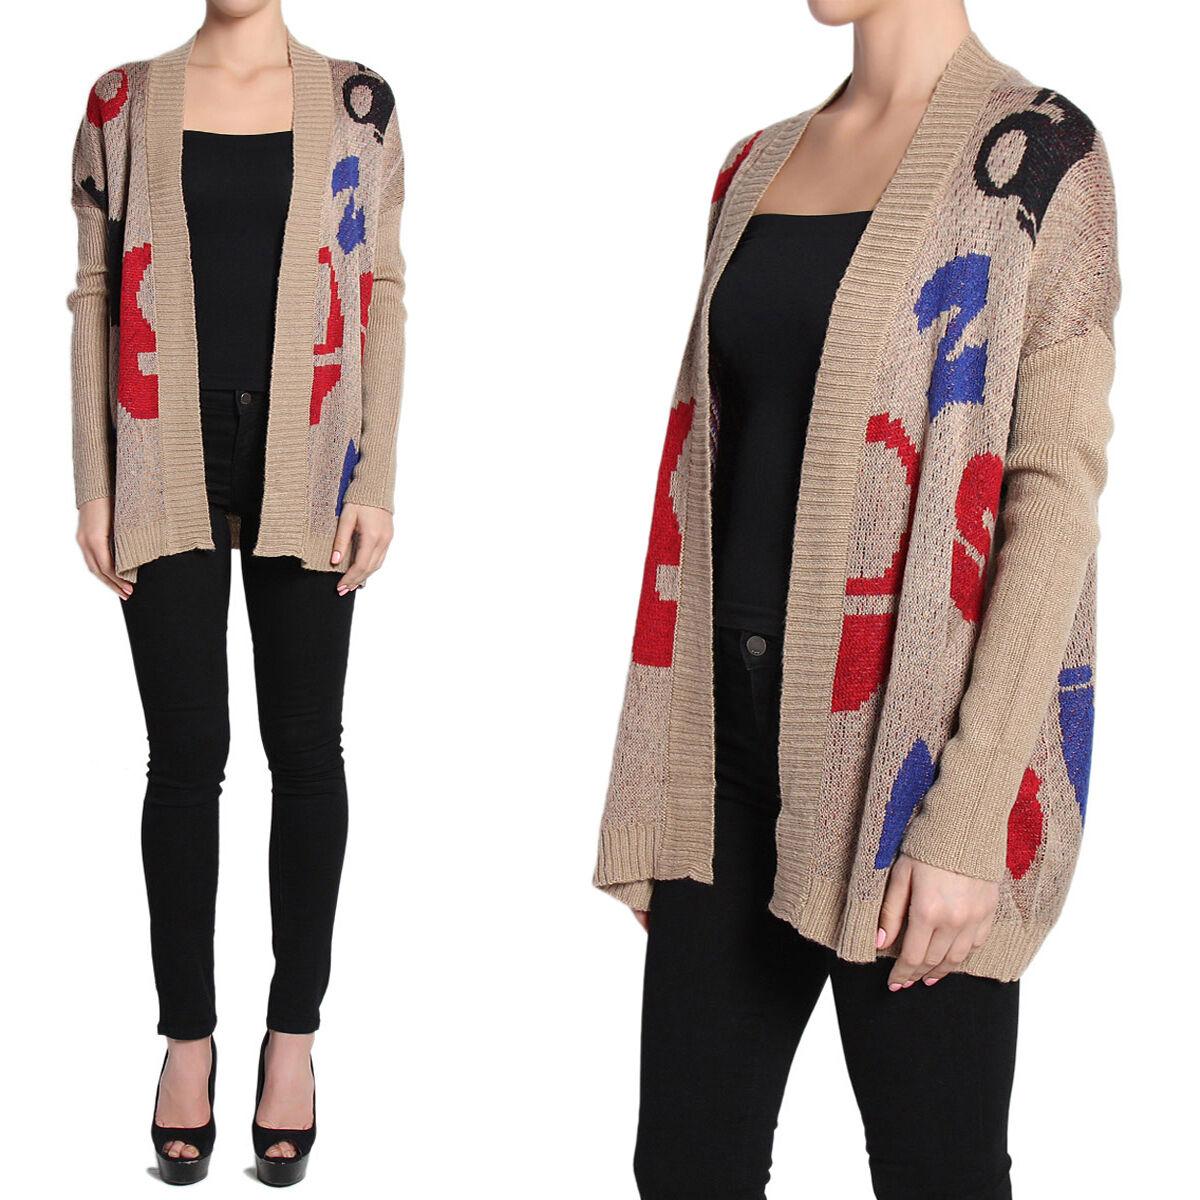 TheMogan Letter Print Gerippter Strickpullover mit offener Vorderseite und Strickjacke Layering Jacket